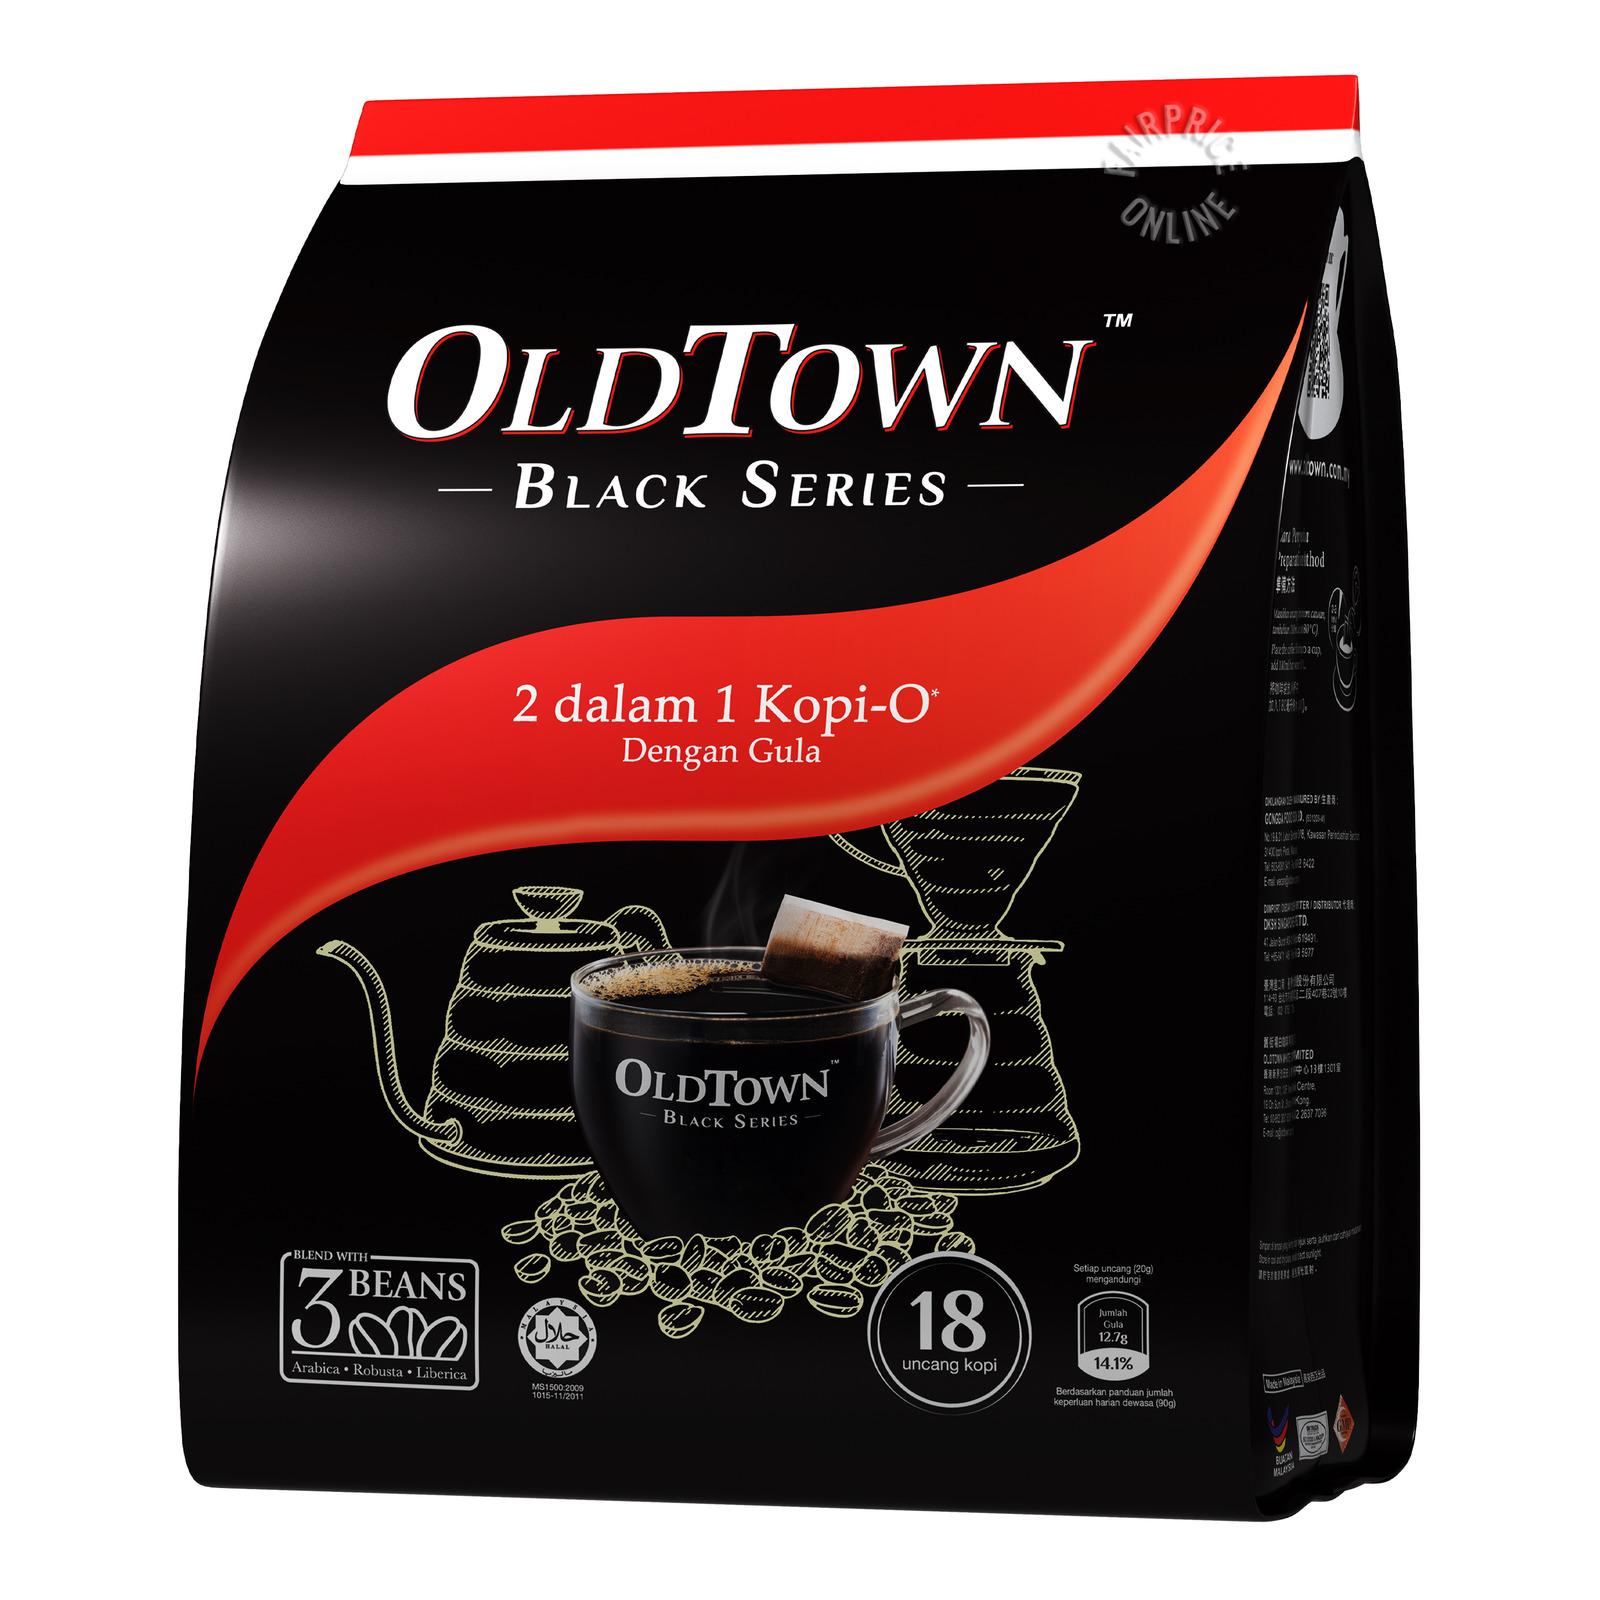 Old Town Black Series Black Coffee - 2 in 1 (Sugar Added)